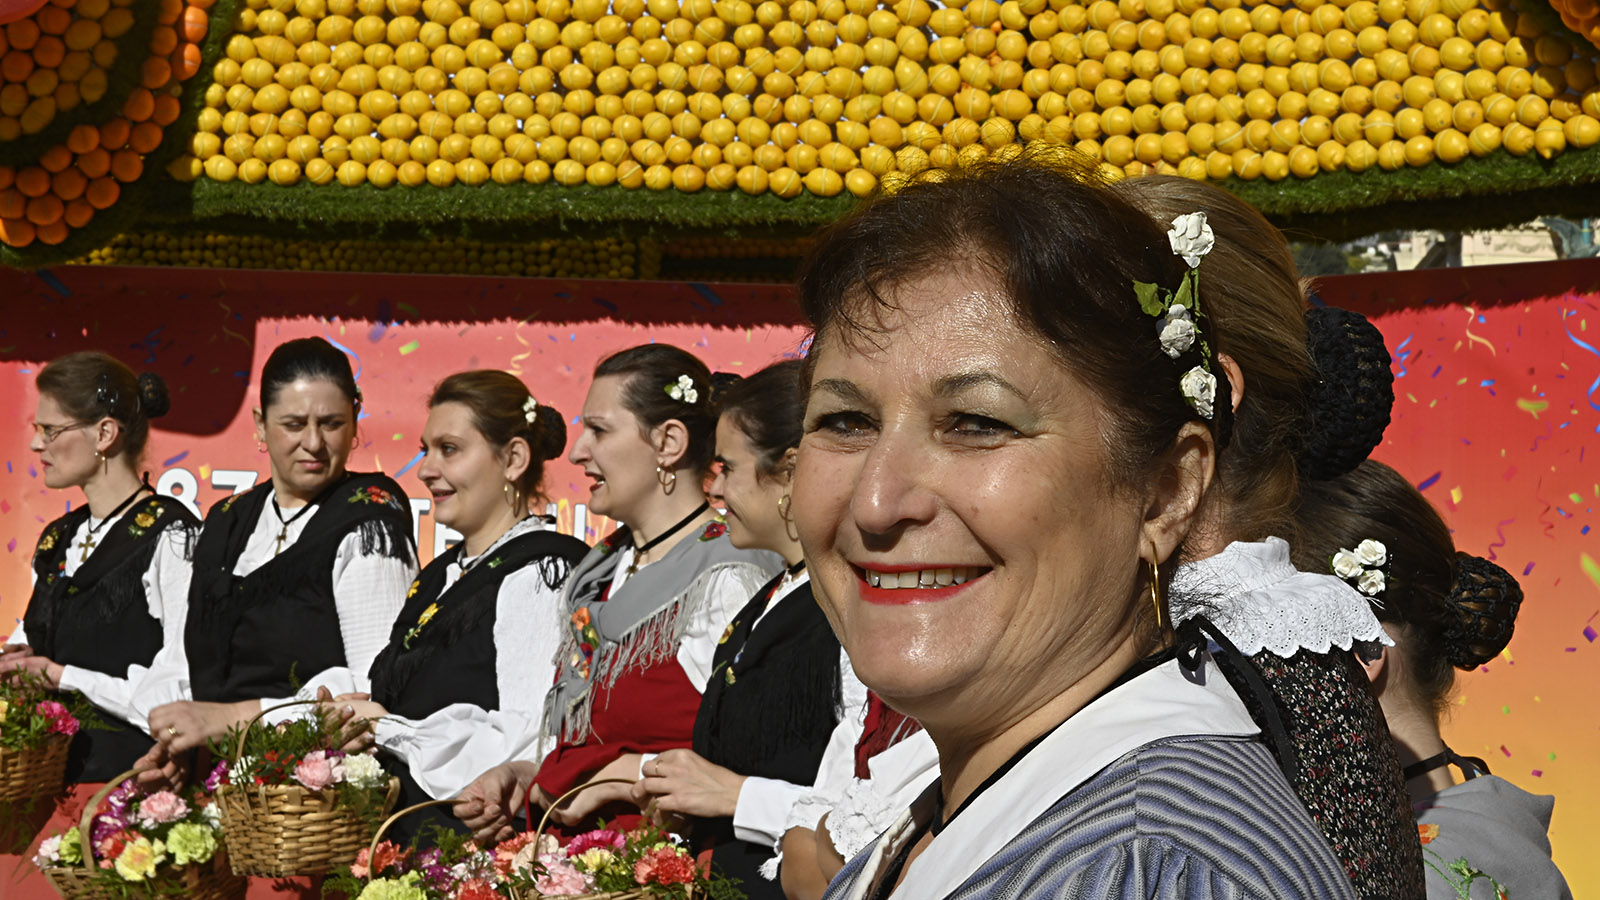 Fête du Citron: Trachtentänzerinnen. Foto: Hilke Maunder